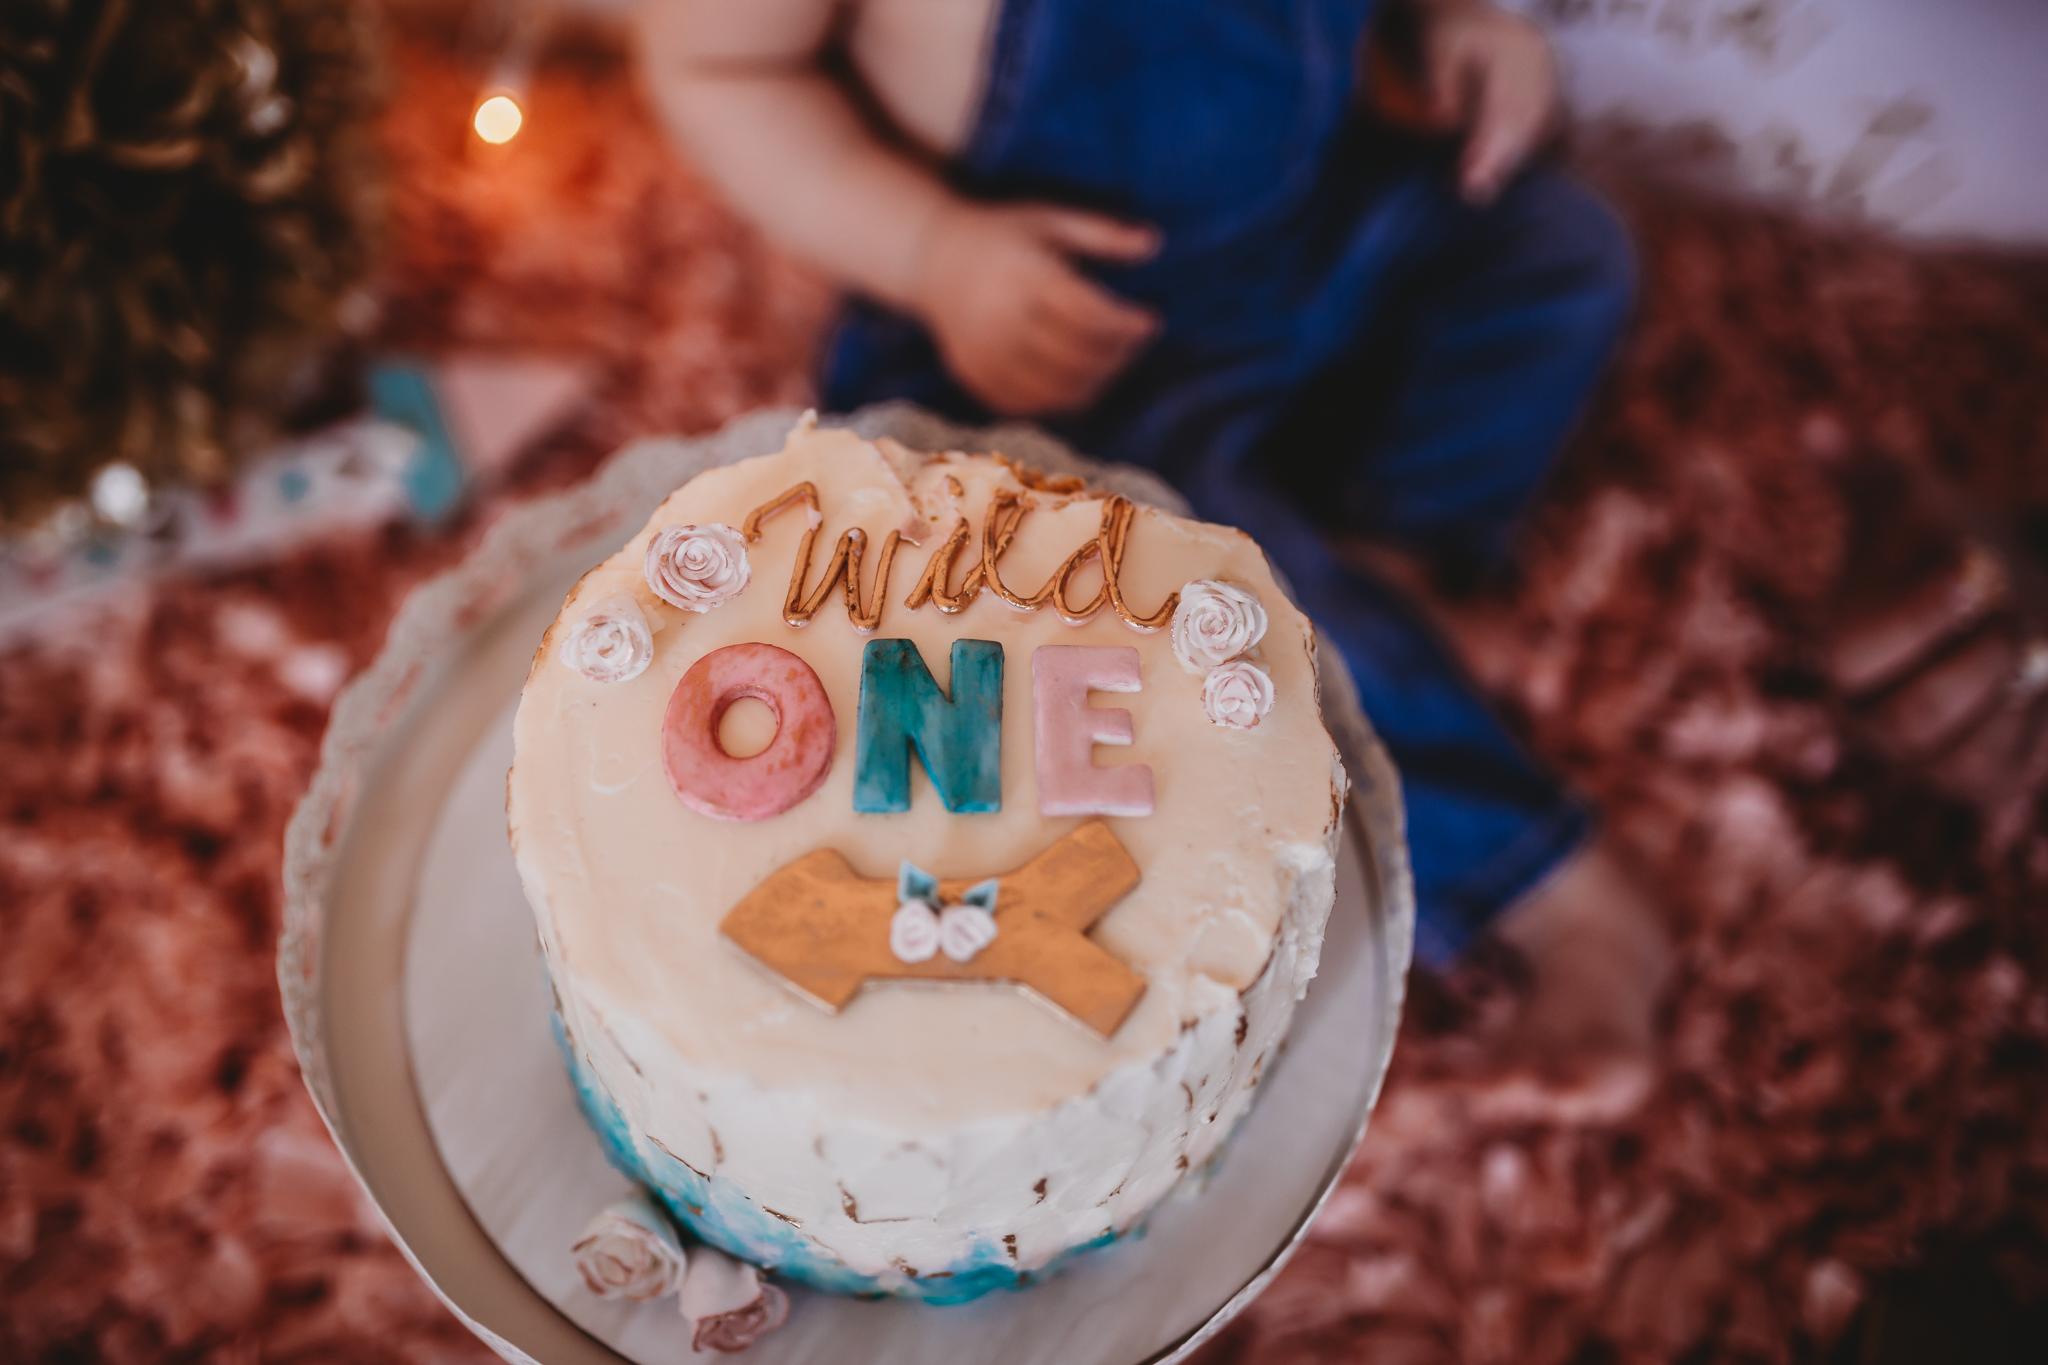 Wild One Cake Smash at The Piano Studio.jpg